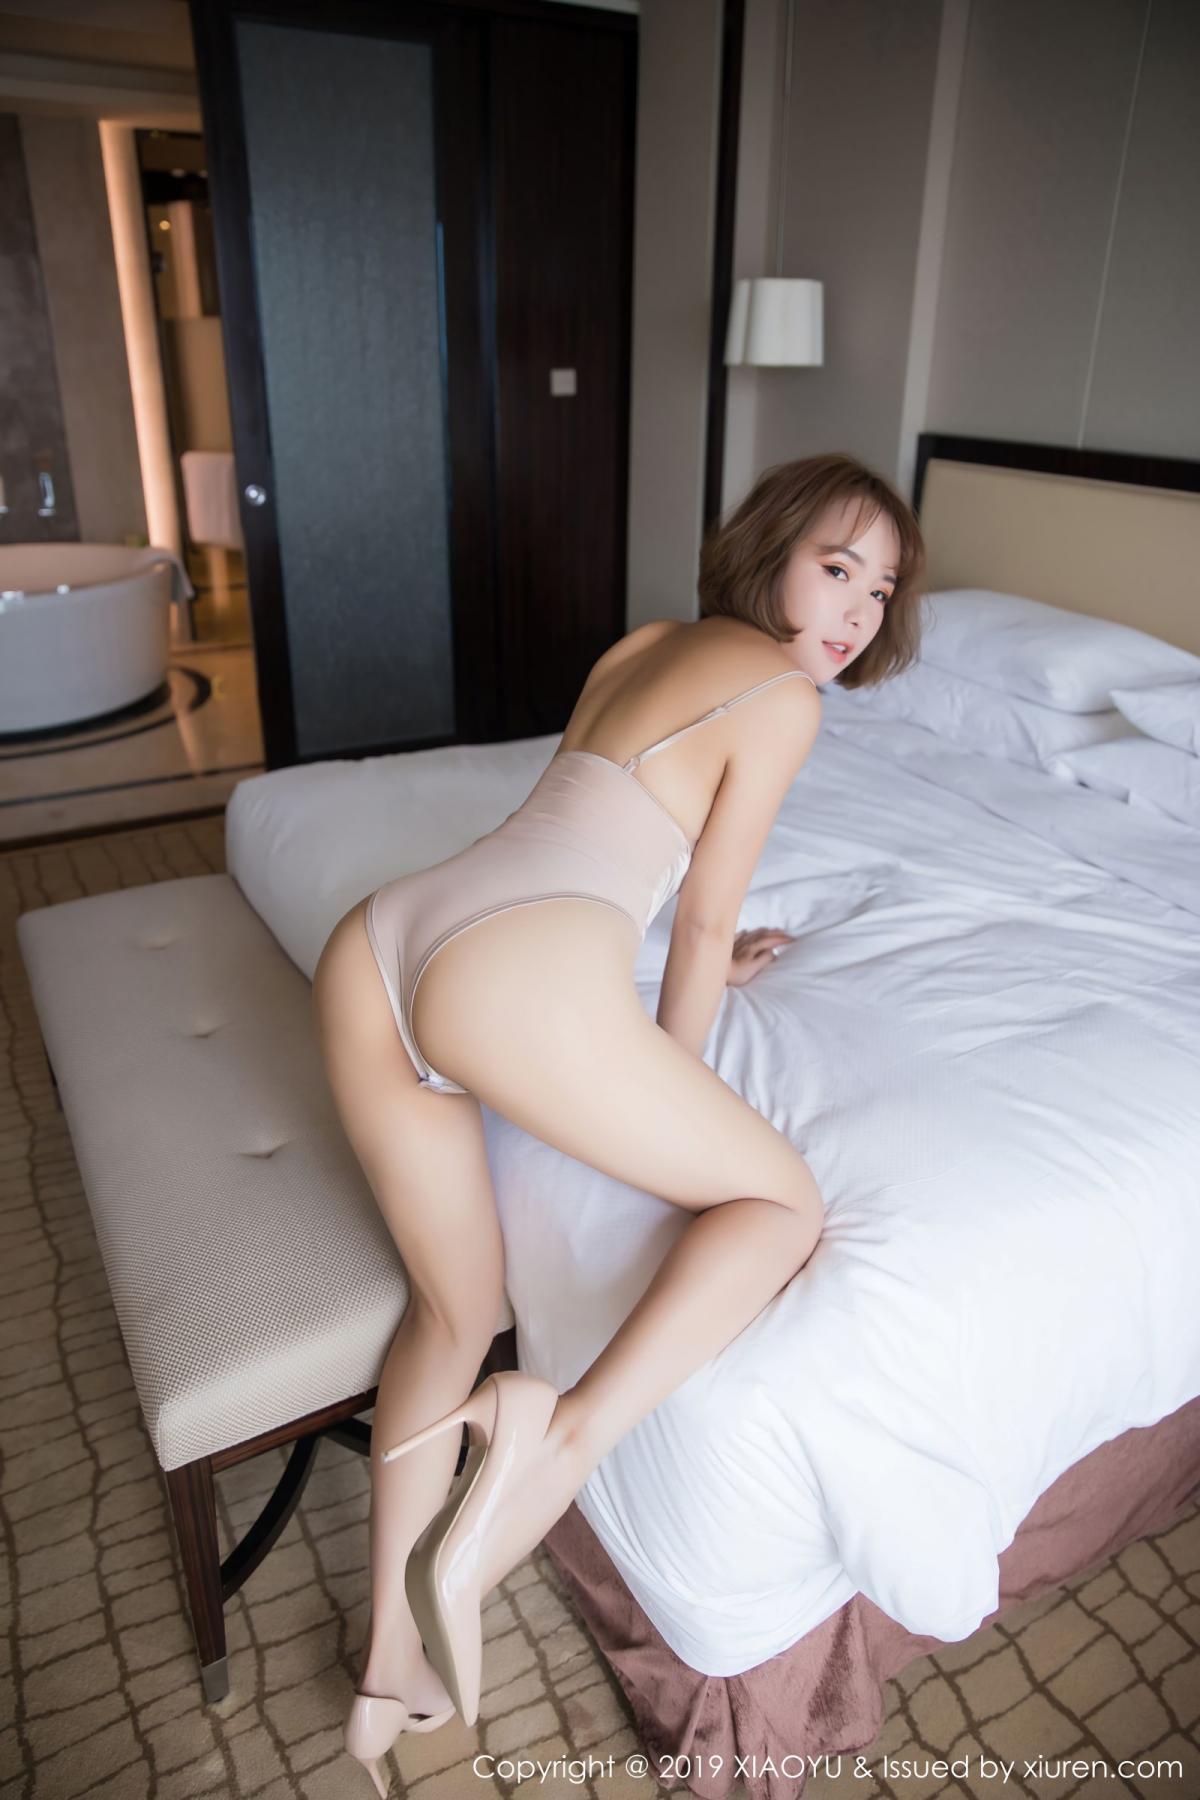 [XiaoYu] Vol.015 Chen Ya Wen 29P, Chen Ya Wen, Sexy, XiaoYu